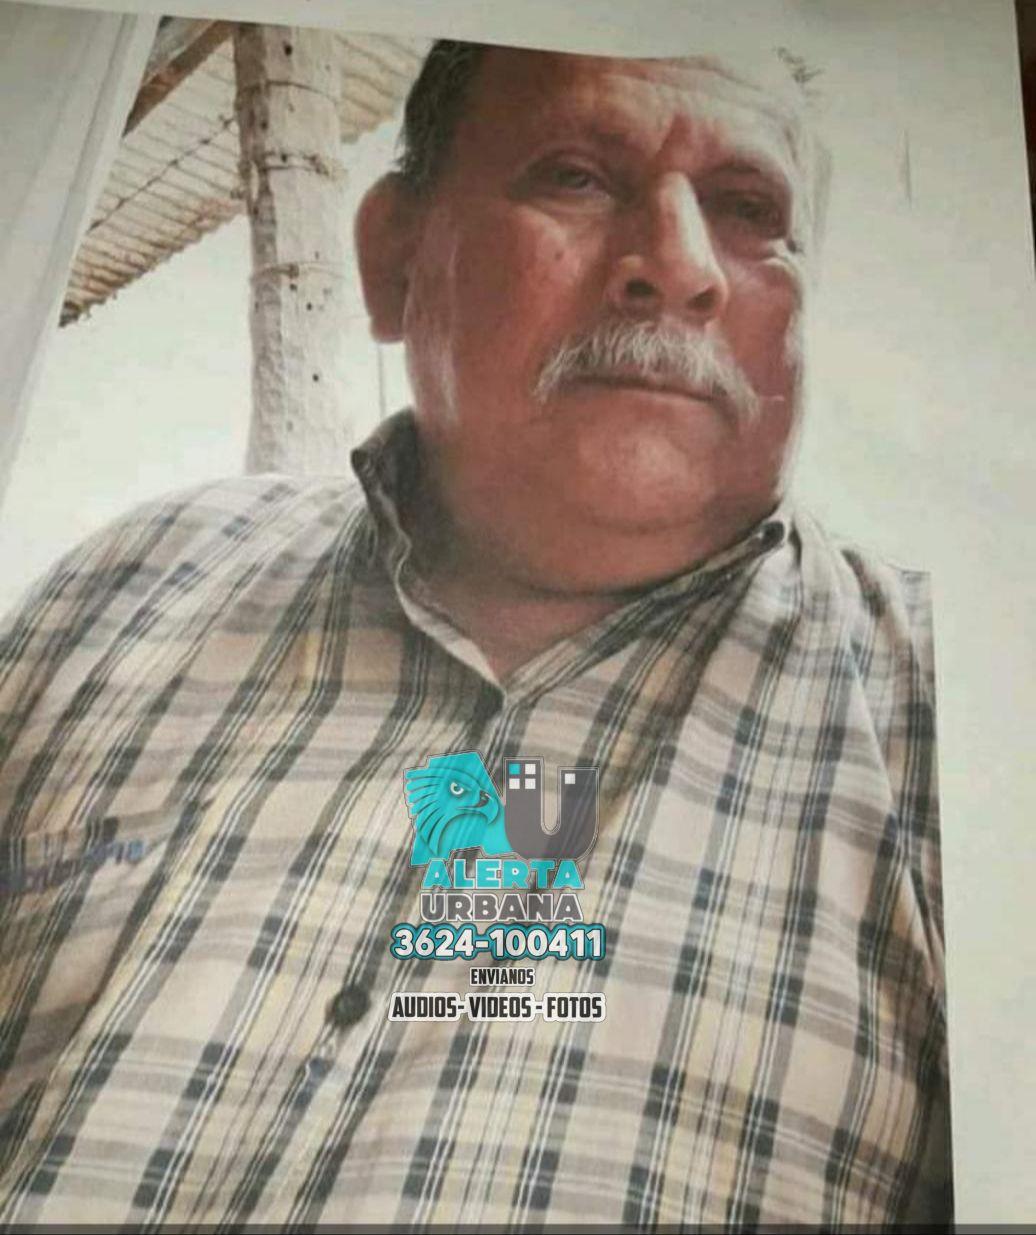 Caso Marciano Ortíz: hasta el momento sin respuesta de la justicia